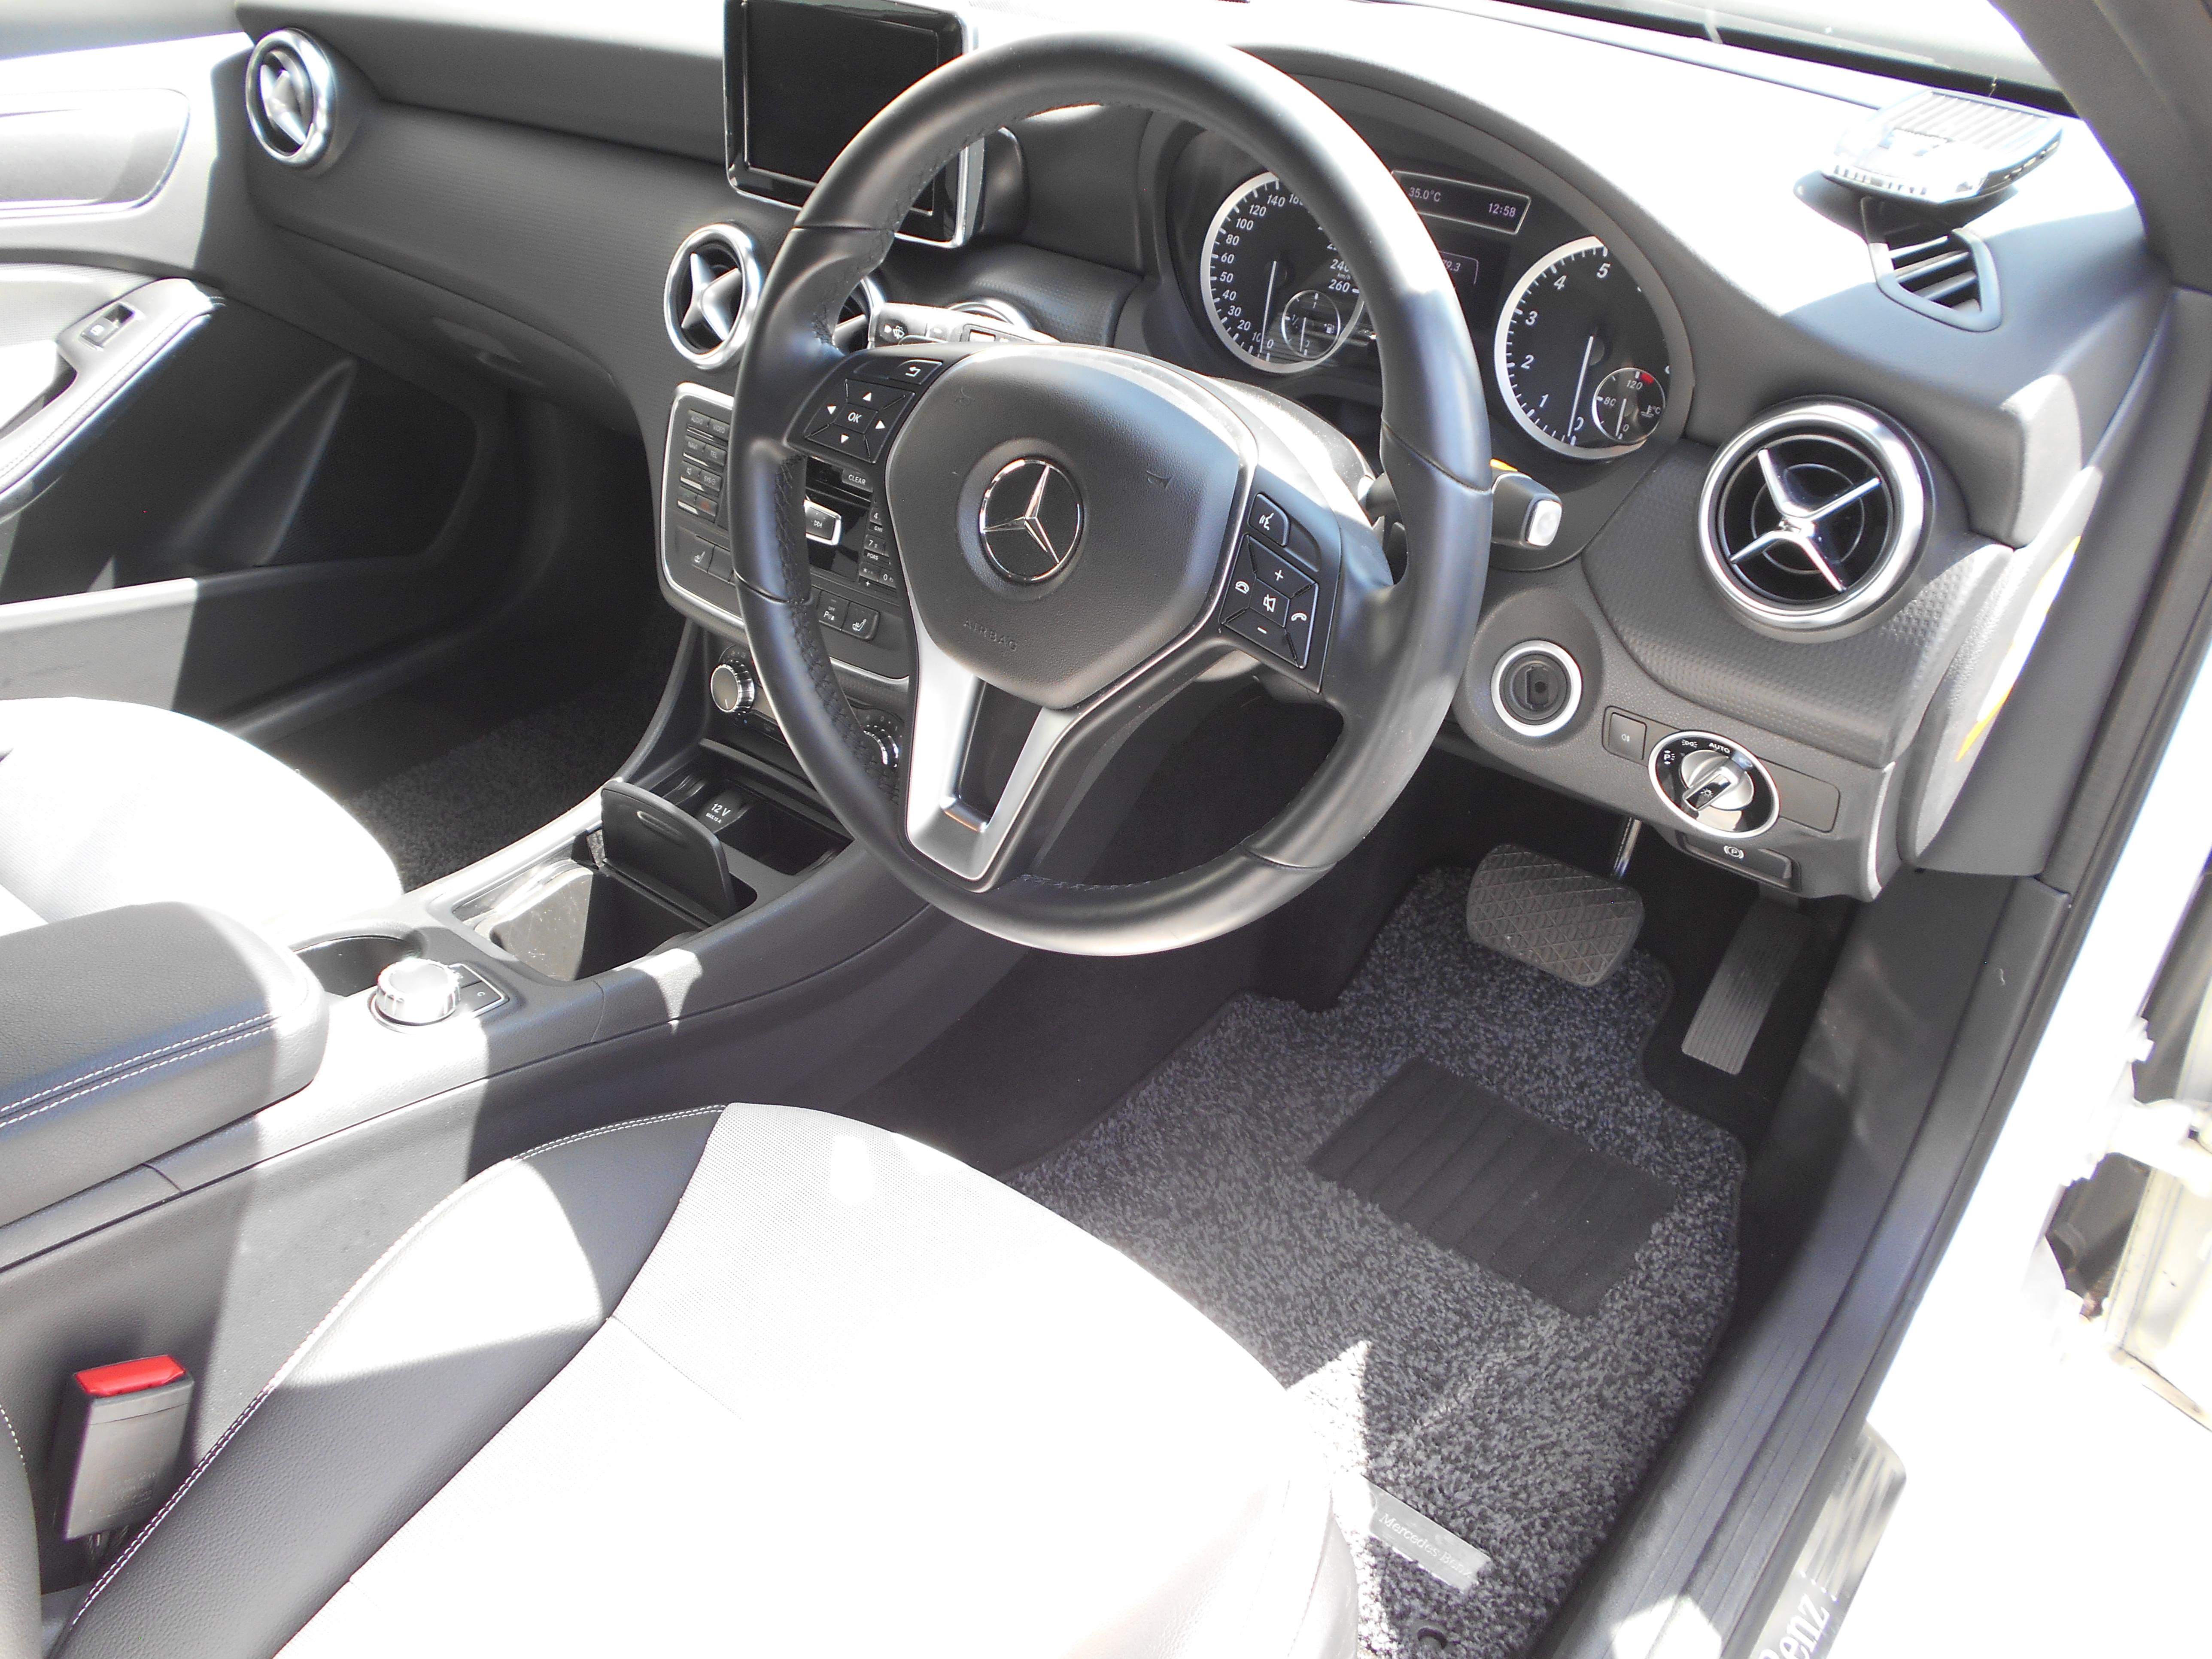 メルセデス・ベンツ Aクラス A180エディションスタイル(ホワイト)